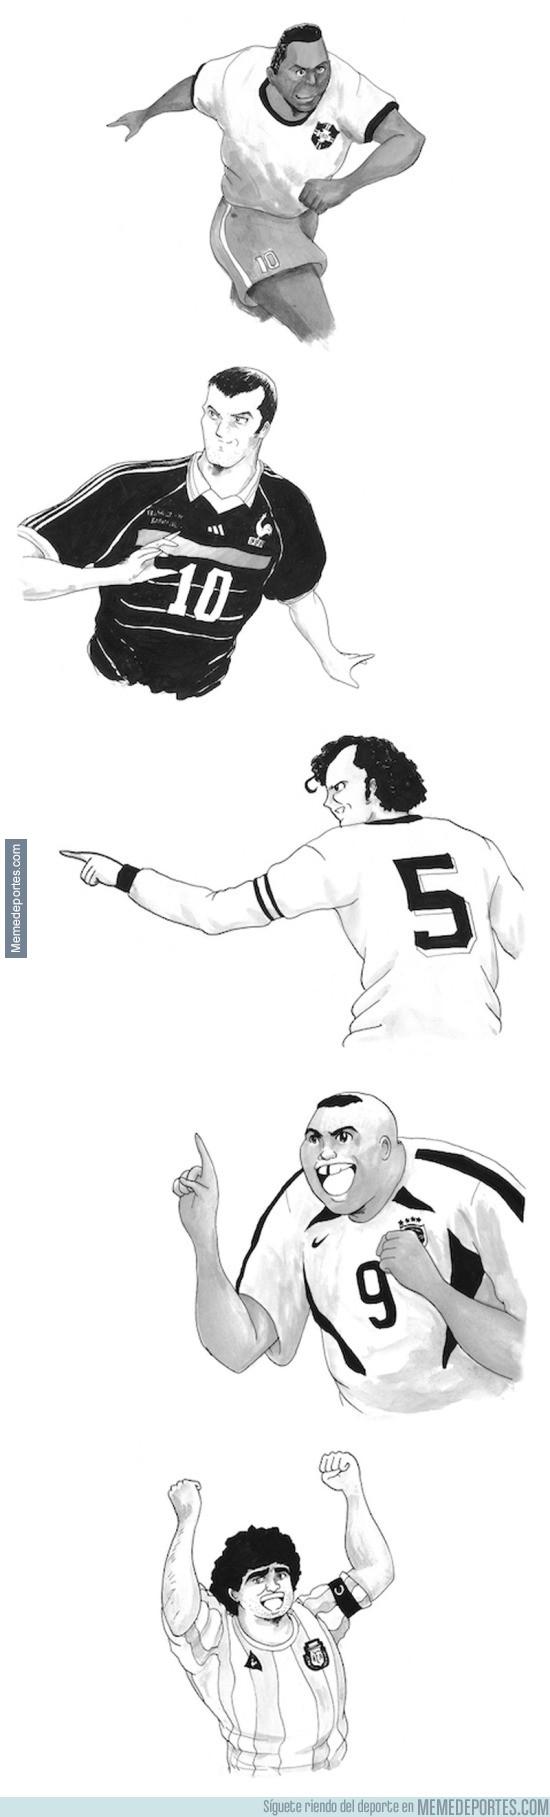 653964 - Jugadores históricos dibujados a lo Super Campeones